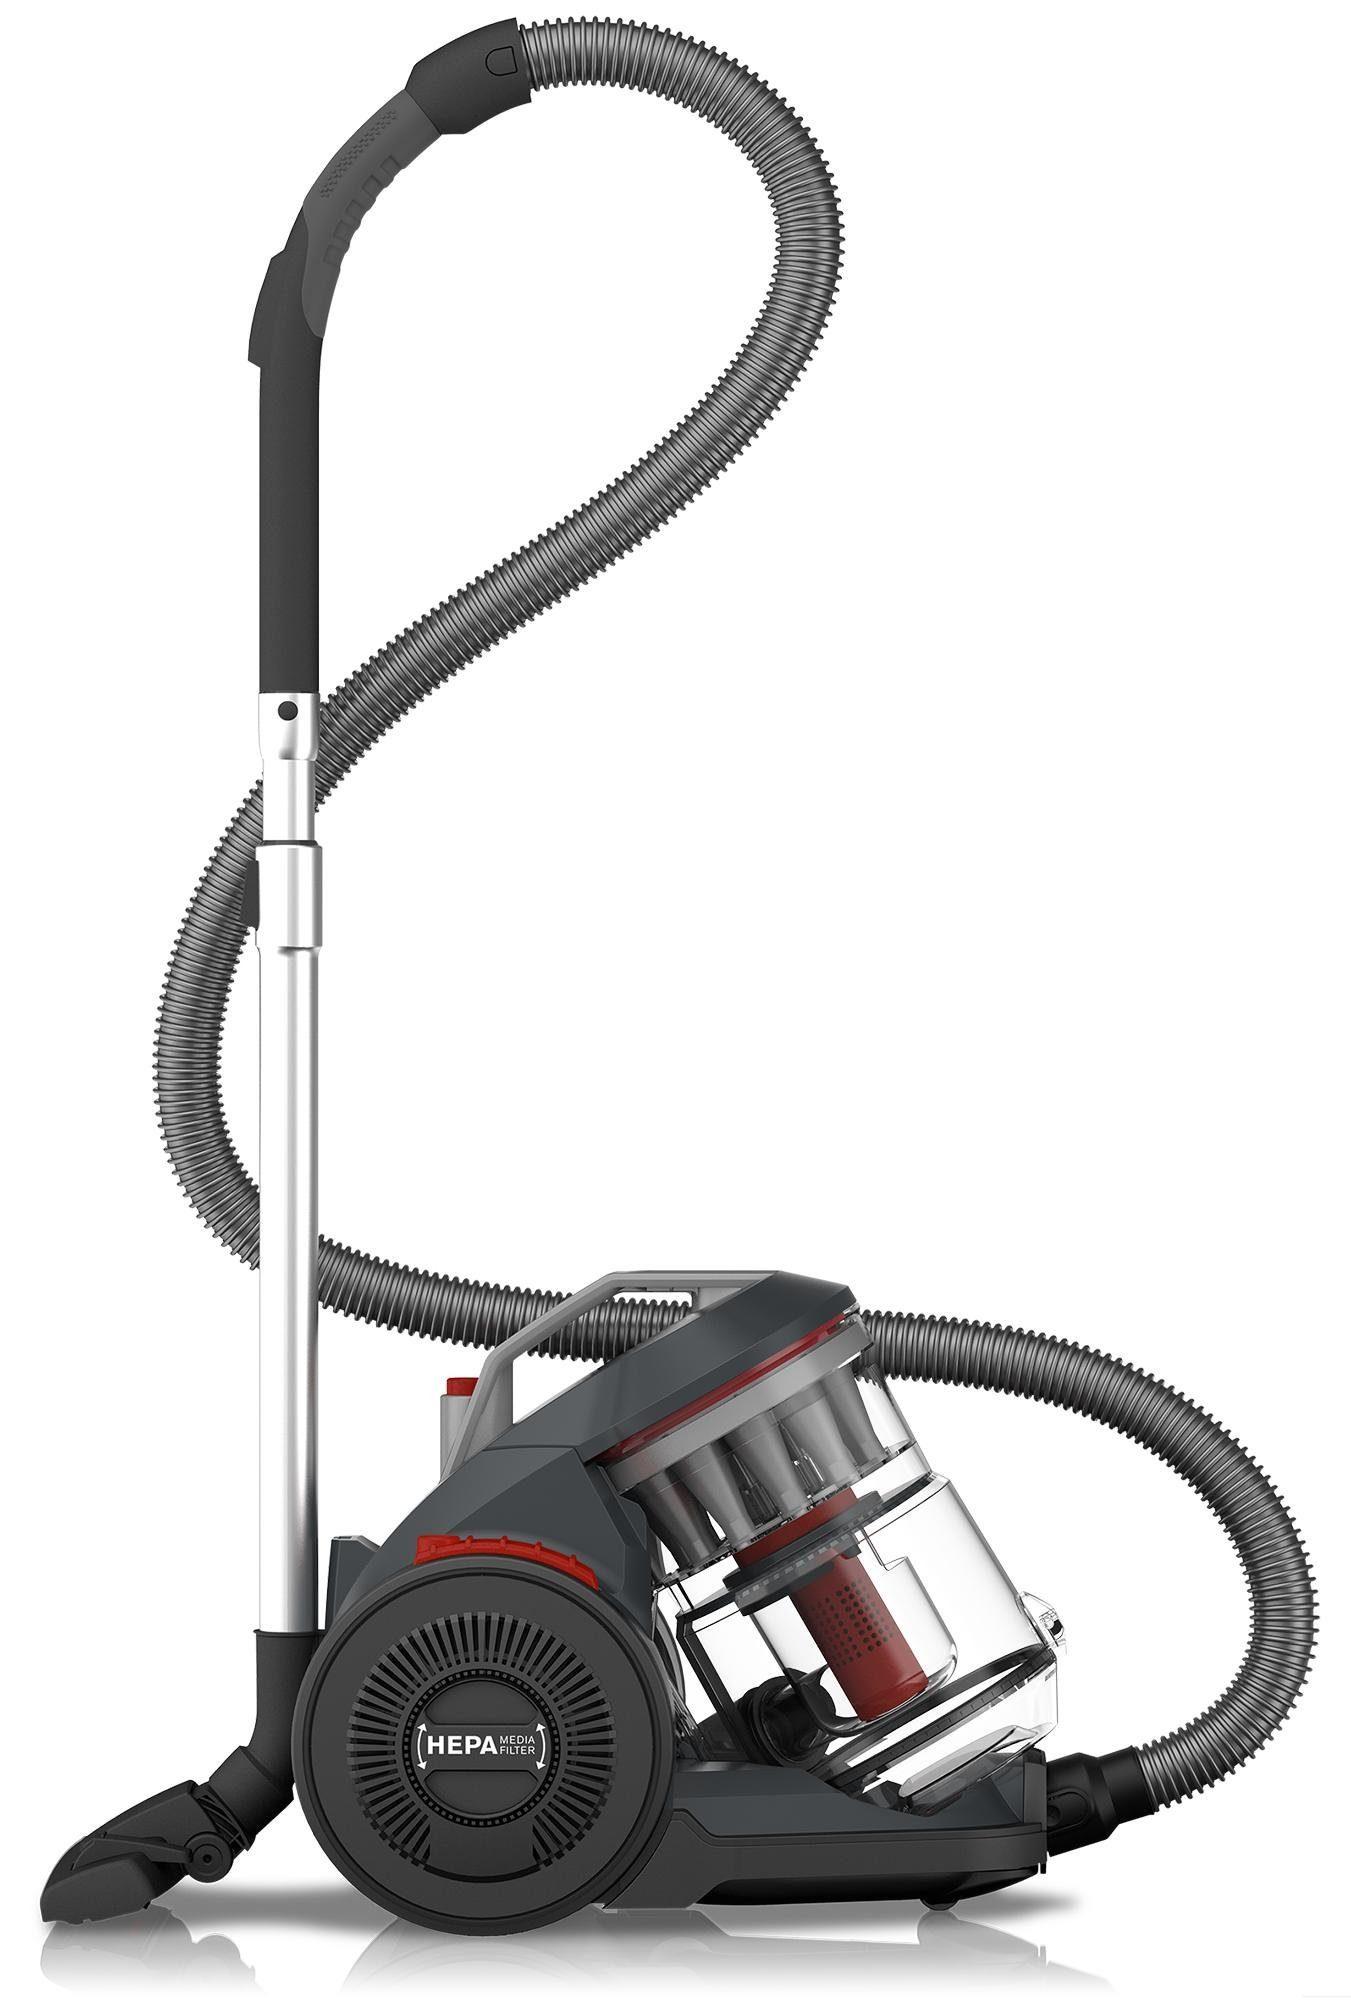 DIRT DEVIL Bodenstaubsauger DD5110-1, 800 Watt, beutellos